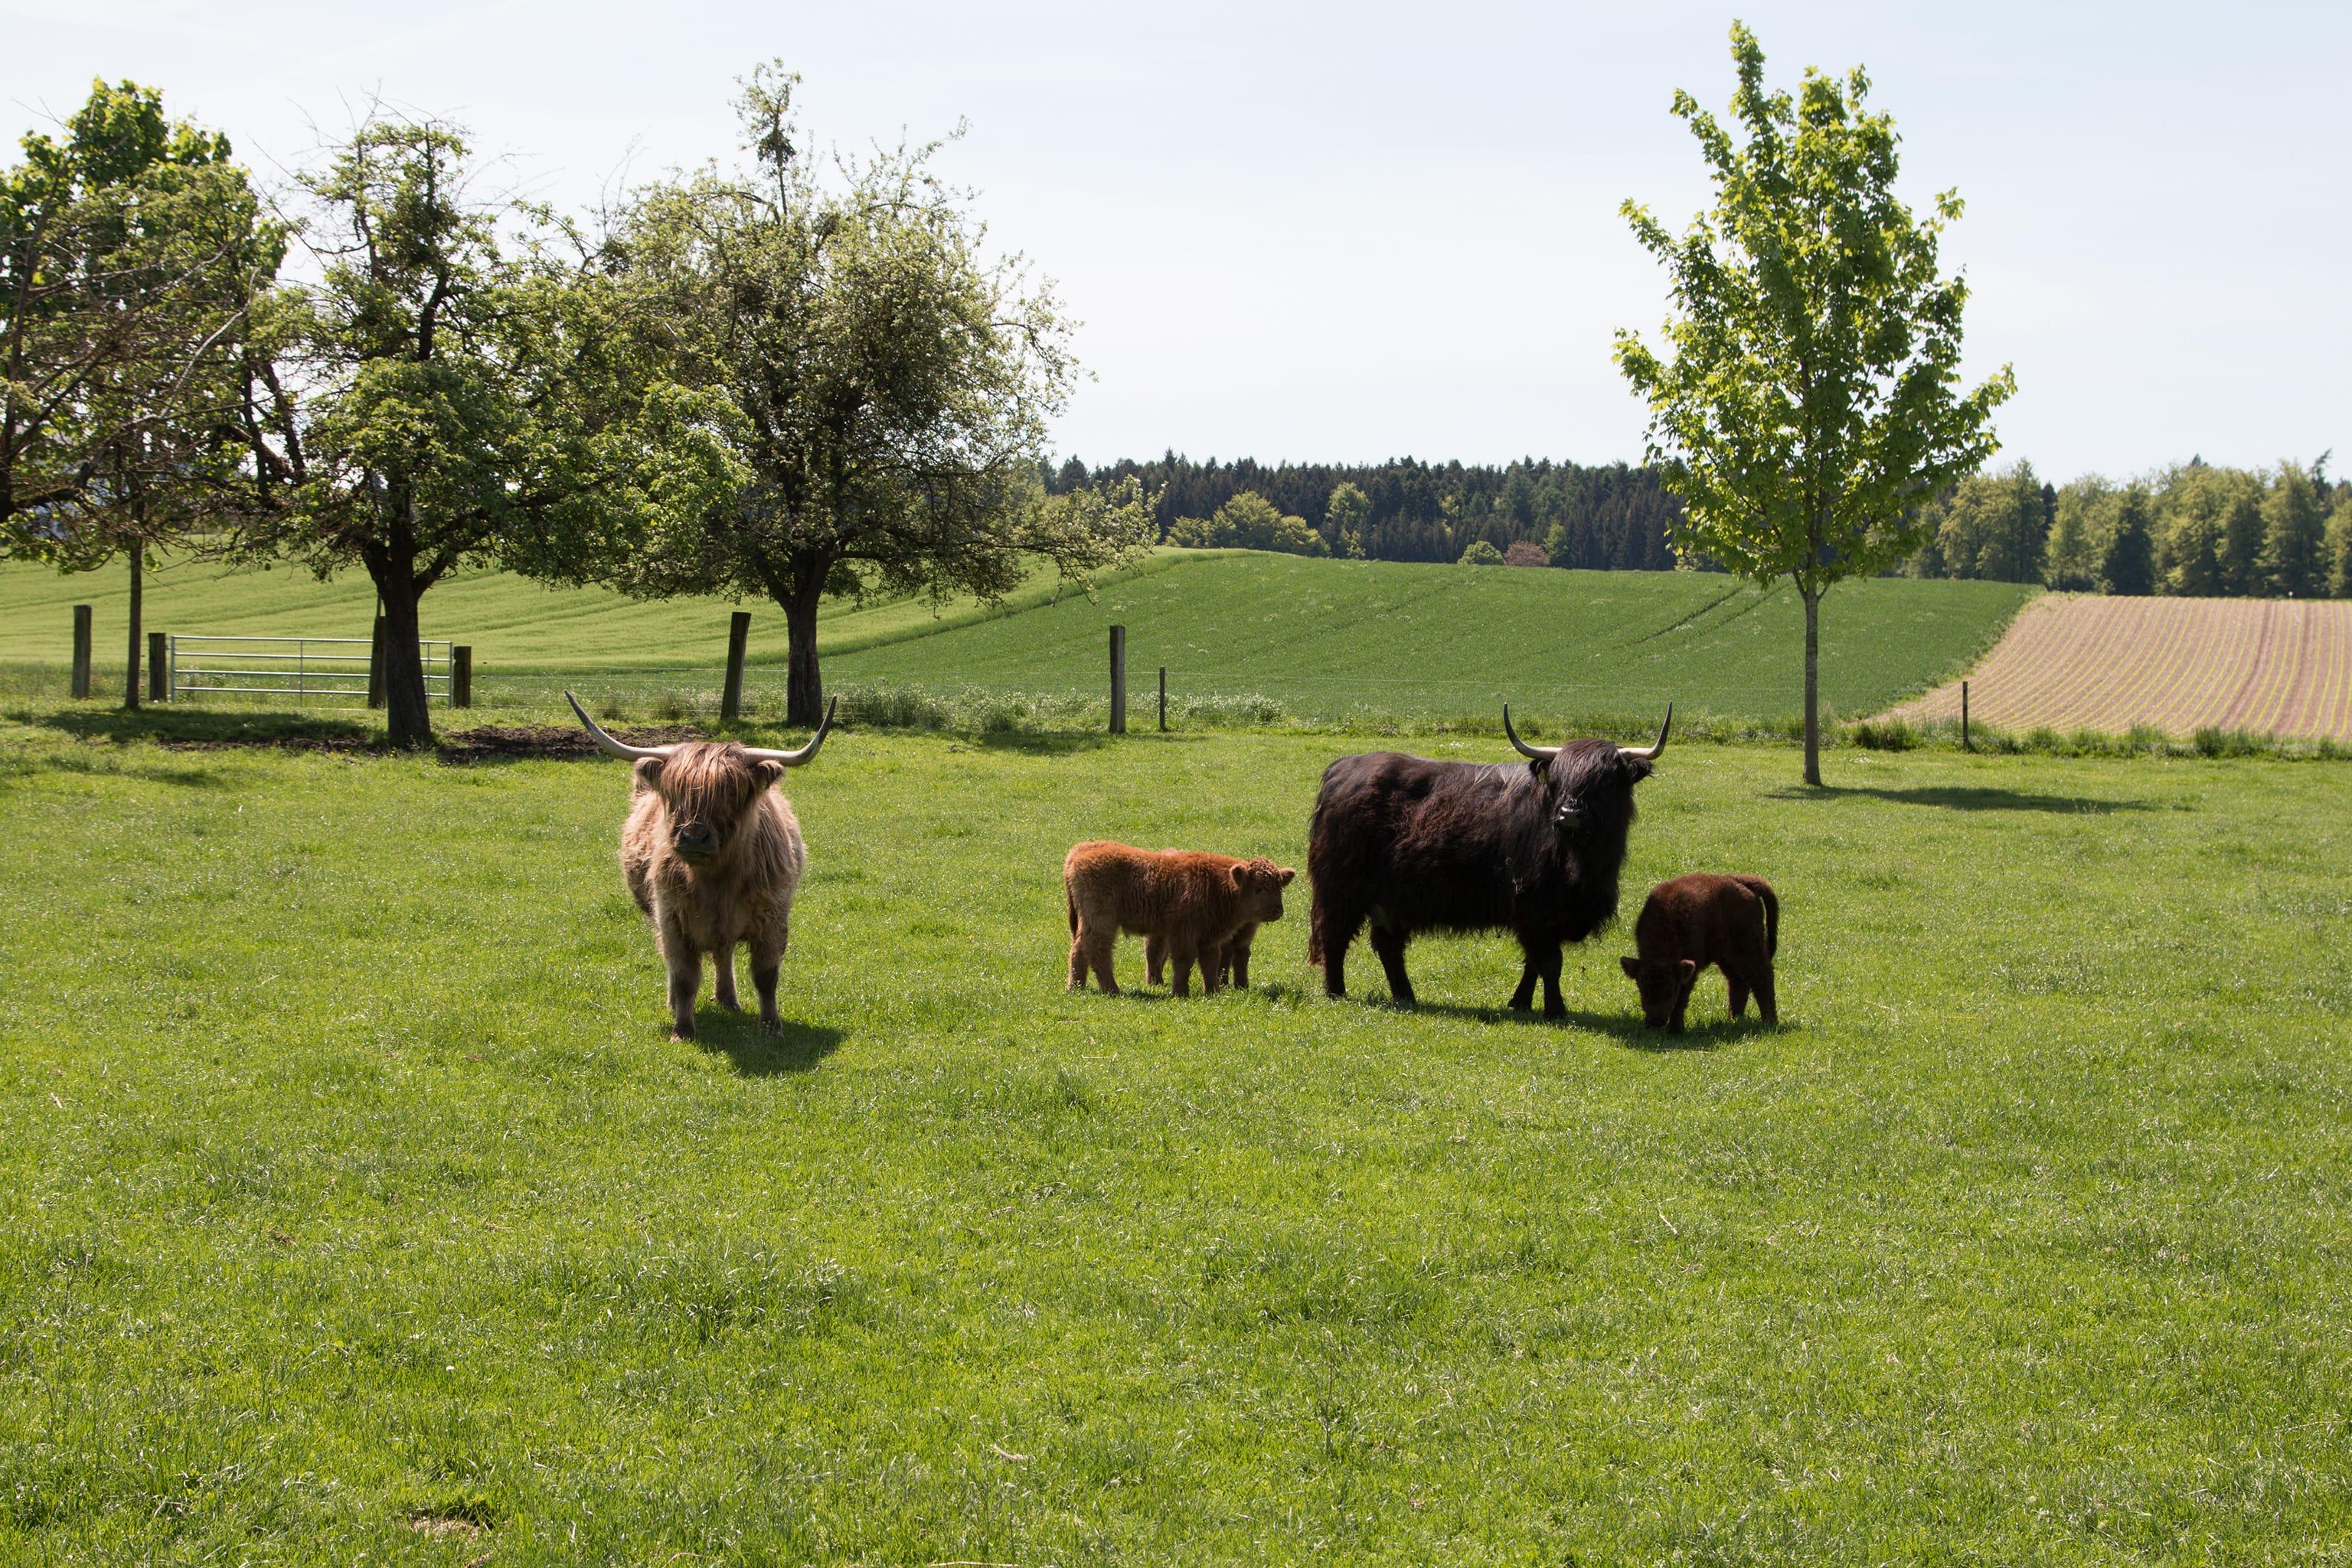 Jungtiere und erwachsene Hochlandrinder auf der Weide.